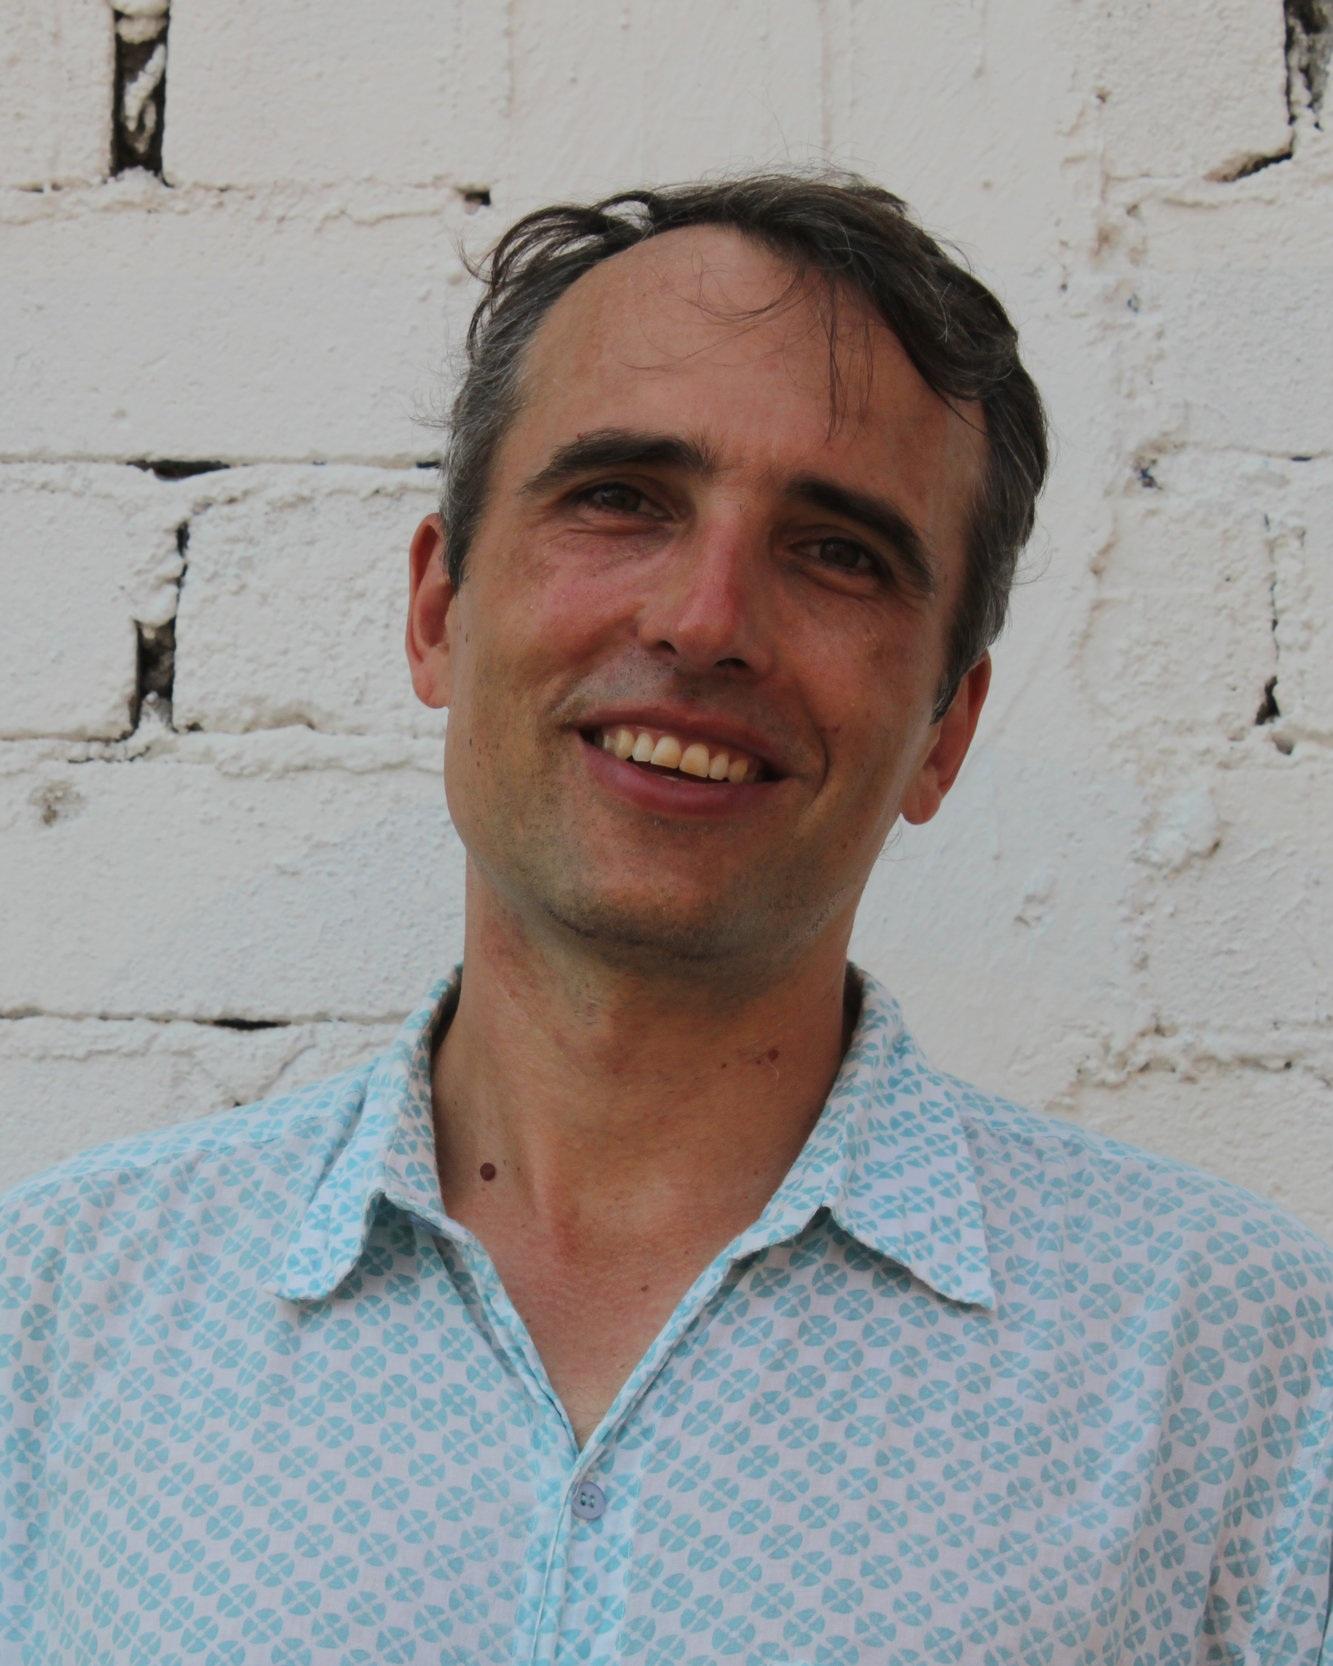 Daniel Griffin - Daniel Griffins Erzählband Stopping for Strangers wurde für mehrere Literaturpreise nominiert. Griffin kommt aus Kingston, Ontario, und lebt nach Stationen in Guatemala, Neuseeland, England und Frankreich heute mit seiner Familie in Victoria. Rettung ist sein erster Roman.